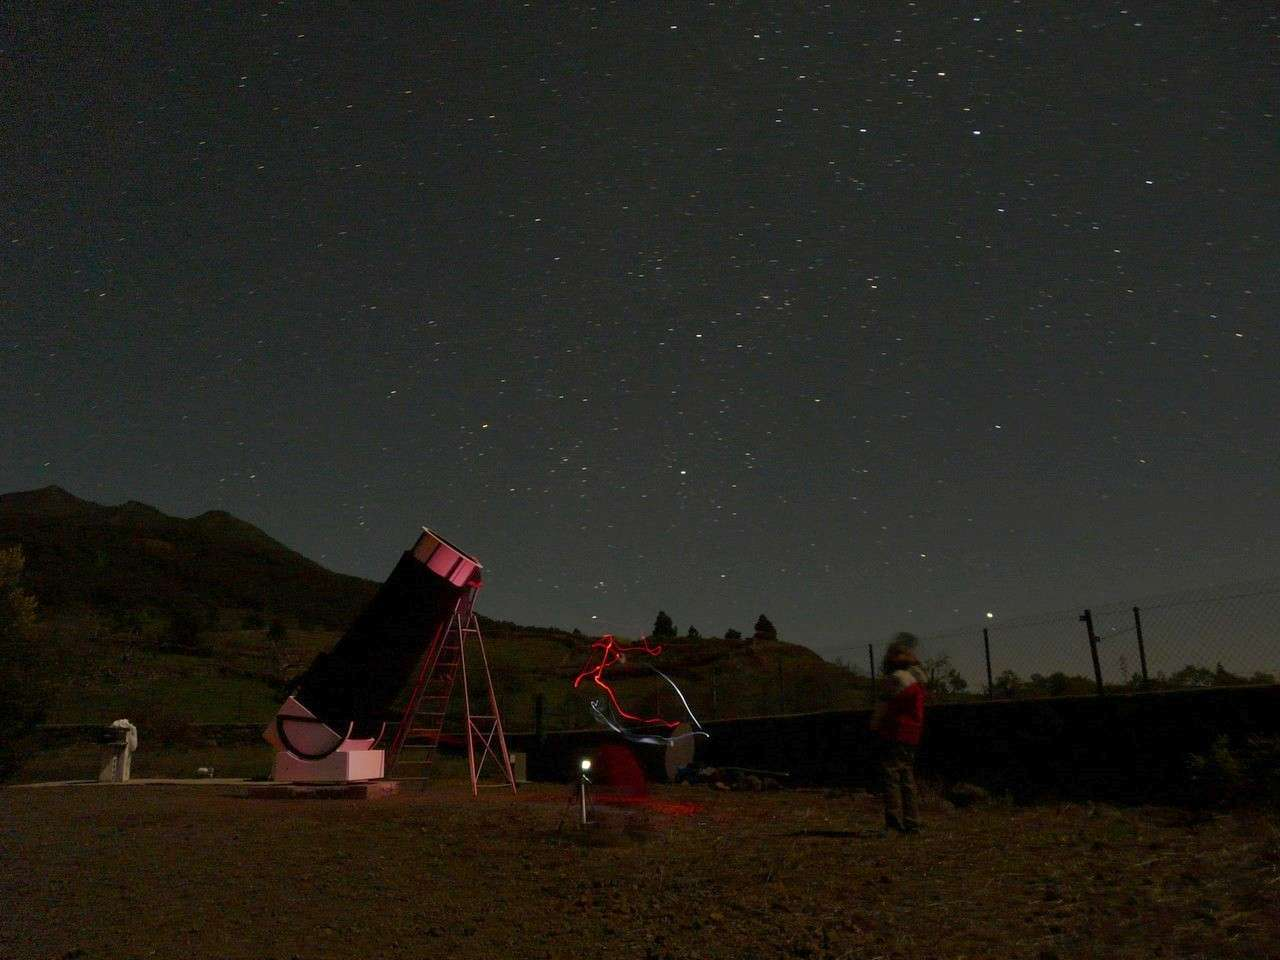 Rien de mieux qu'une belle nuit sans lumières artificielles pour admirer le ciel étoilé. © Jean-Baptiste Feldmann